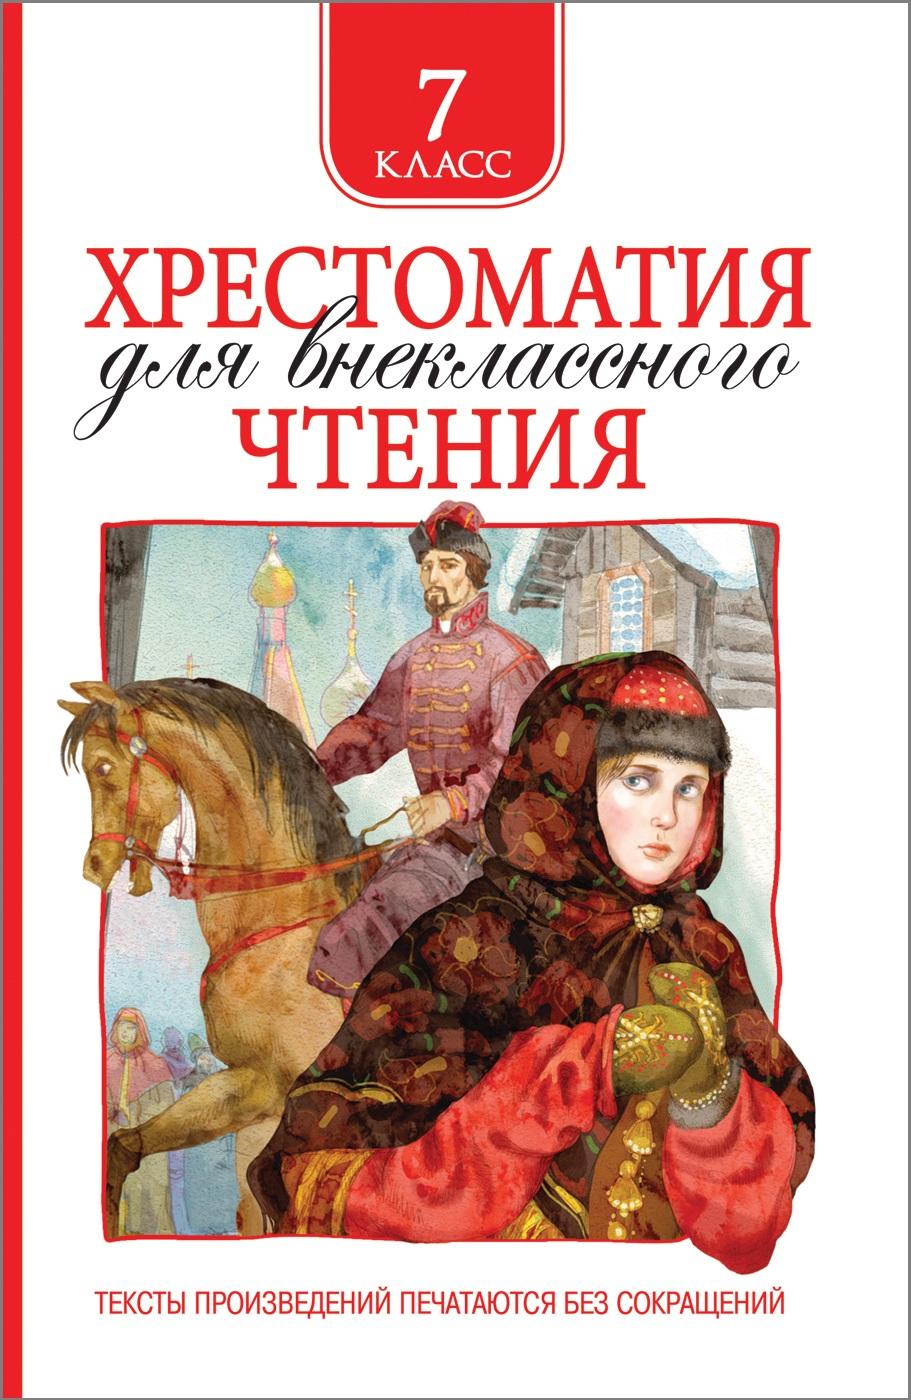 Лермонтов М. Ю., Гоголь Н. В. И и др. Хрестоматия для внеклассного чтения 7 класс